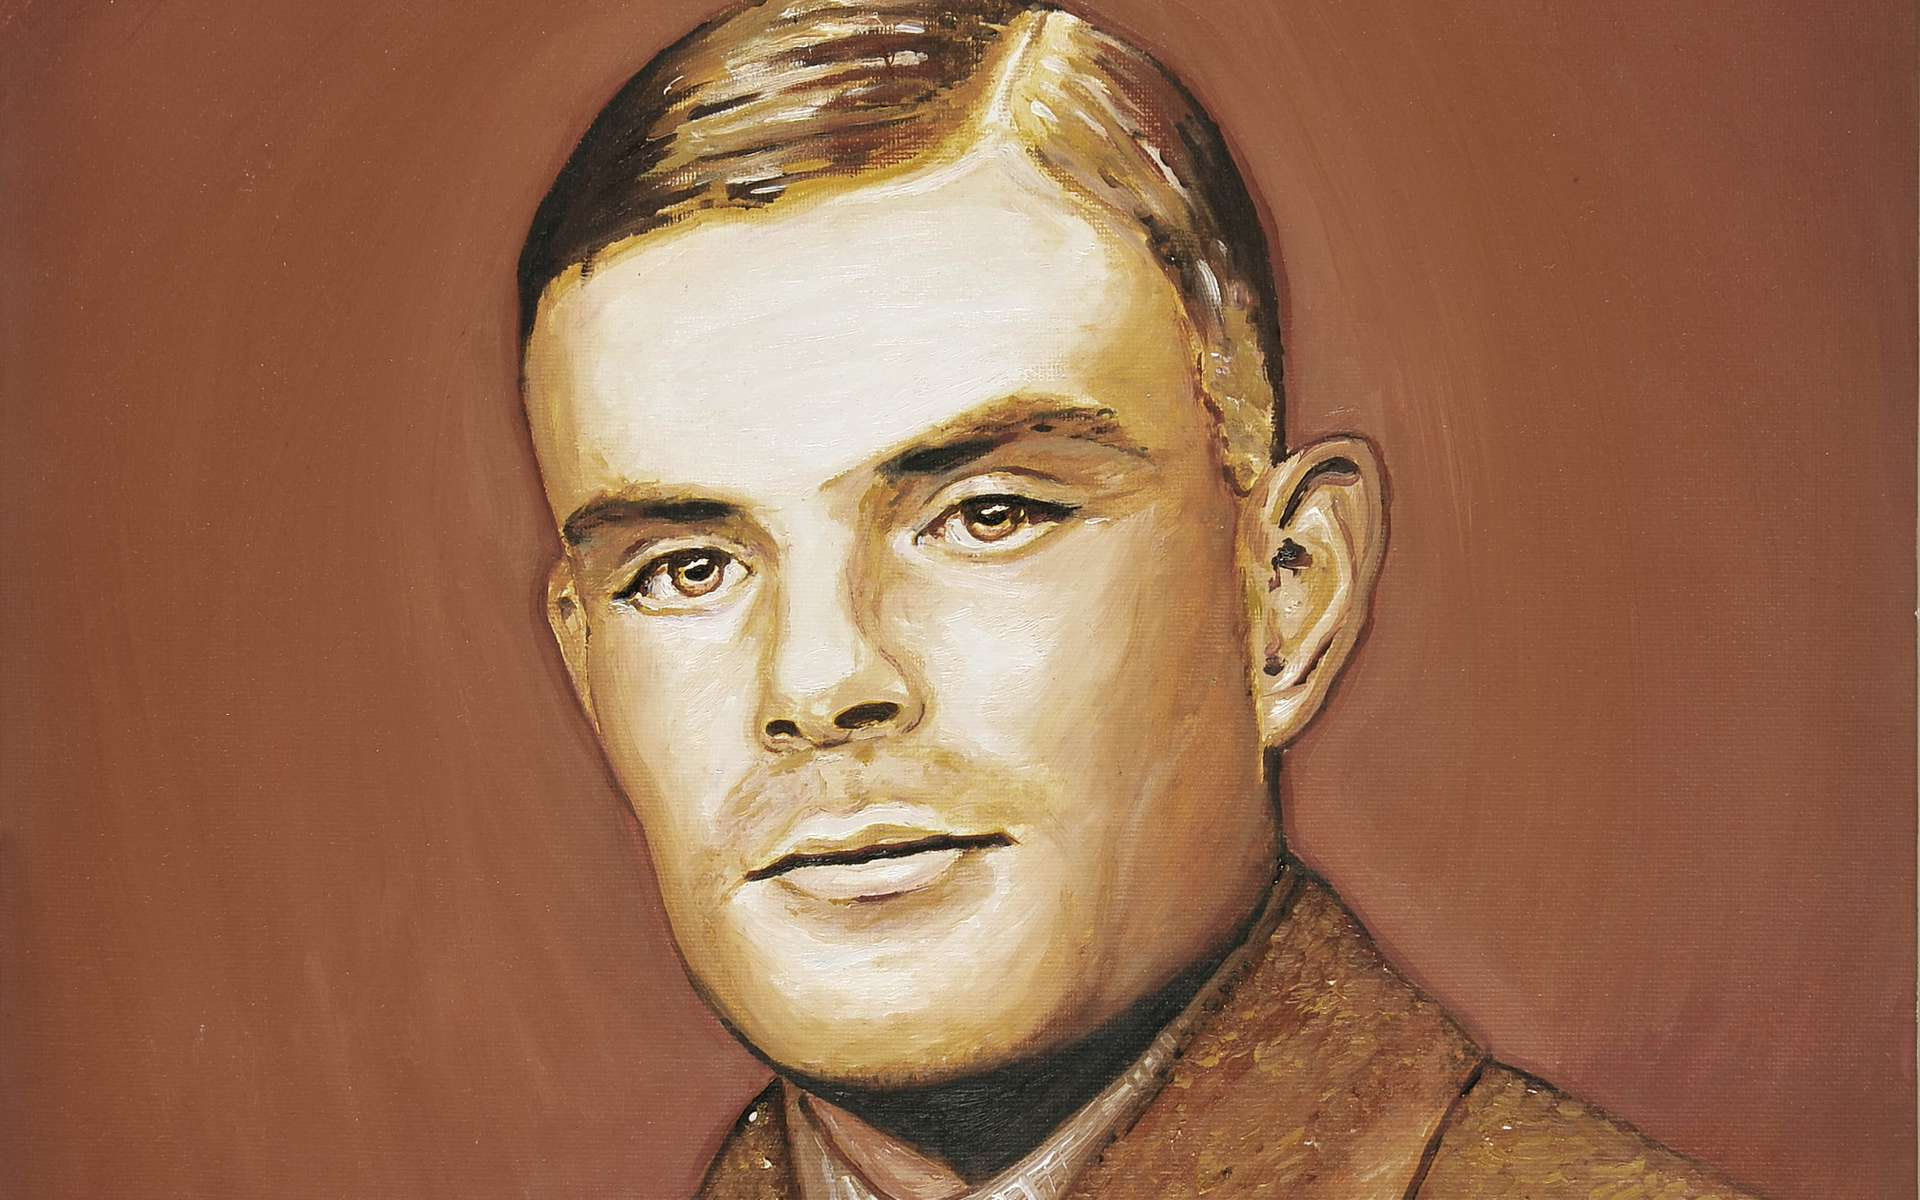 Portrait d'Alan Turing, à qui l'on doit notamment le test et la machine qui portent son nom. © Daniel Rogers